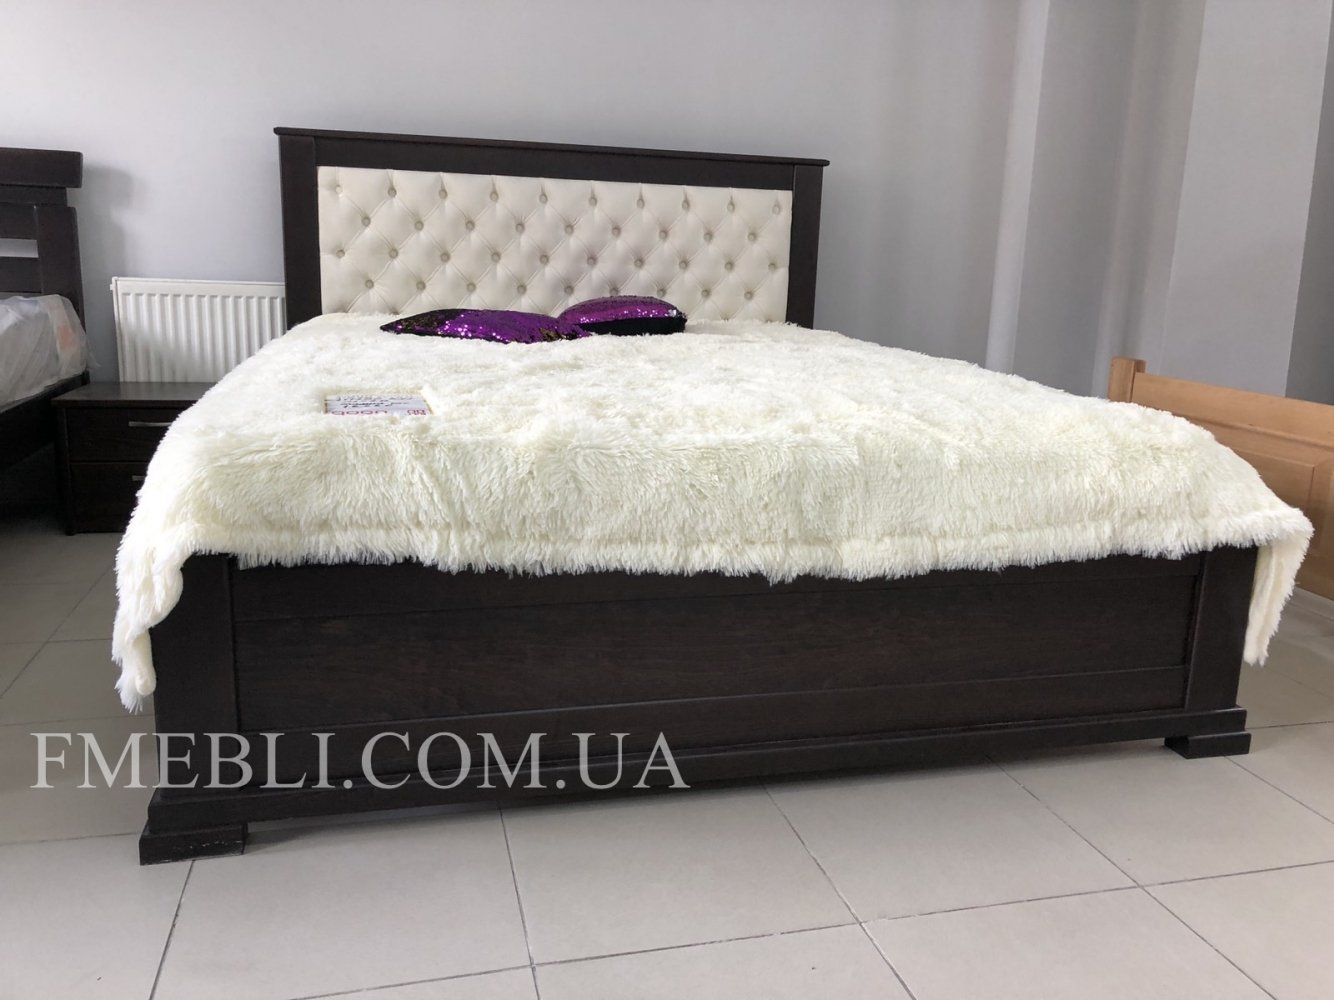 Ліжко Лорд М50 ЛЕВ 11